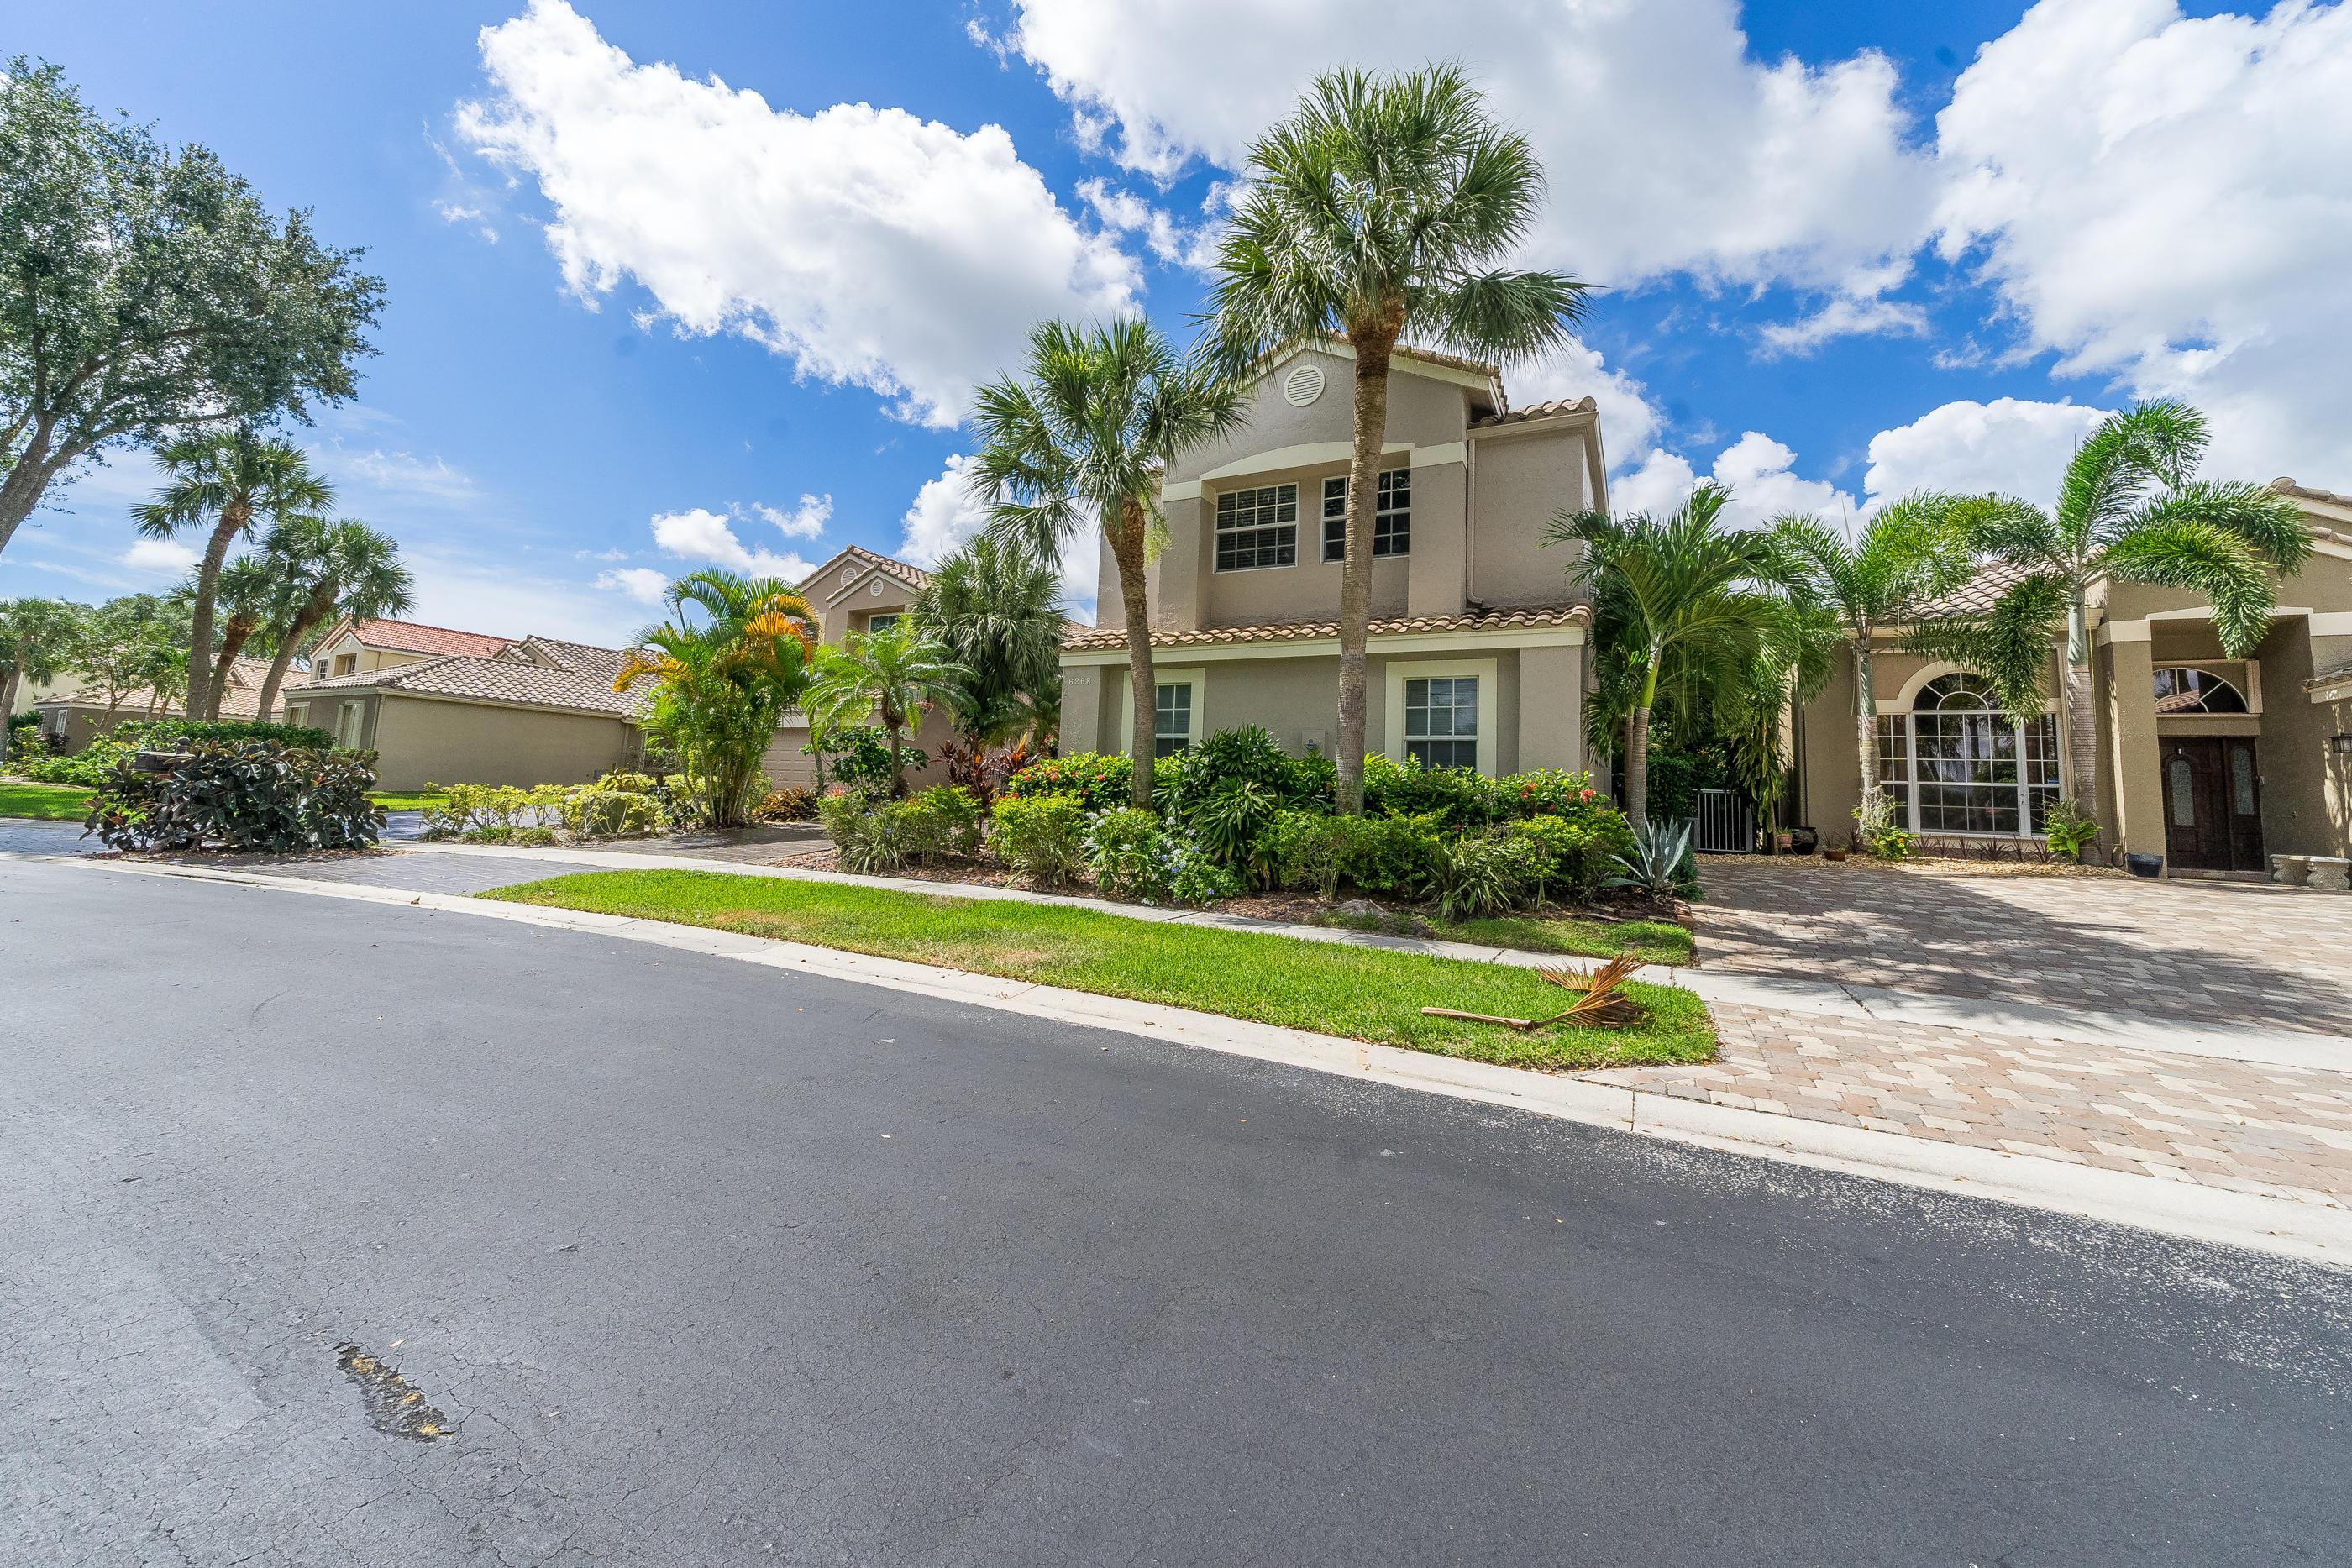 6268 Via Palladium Boca Raton, FL 33433